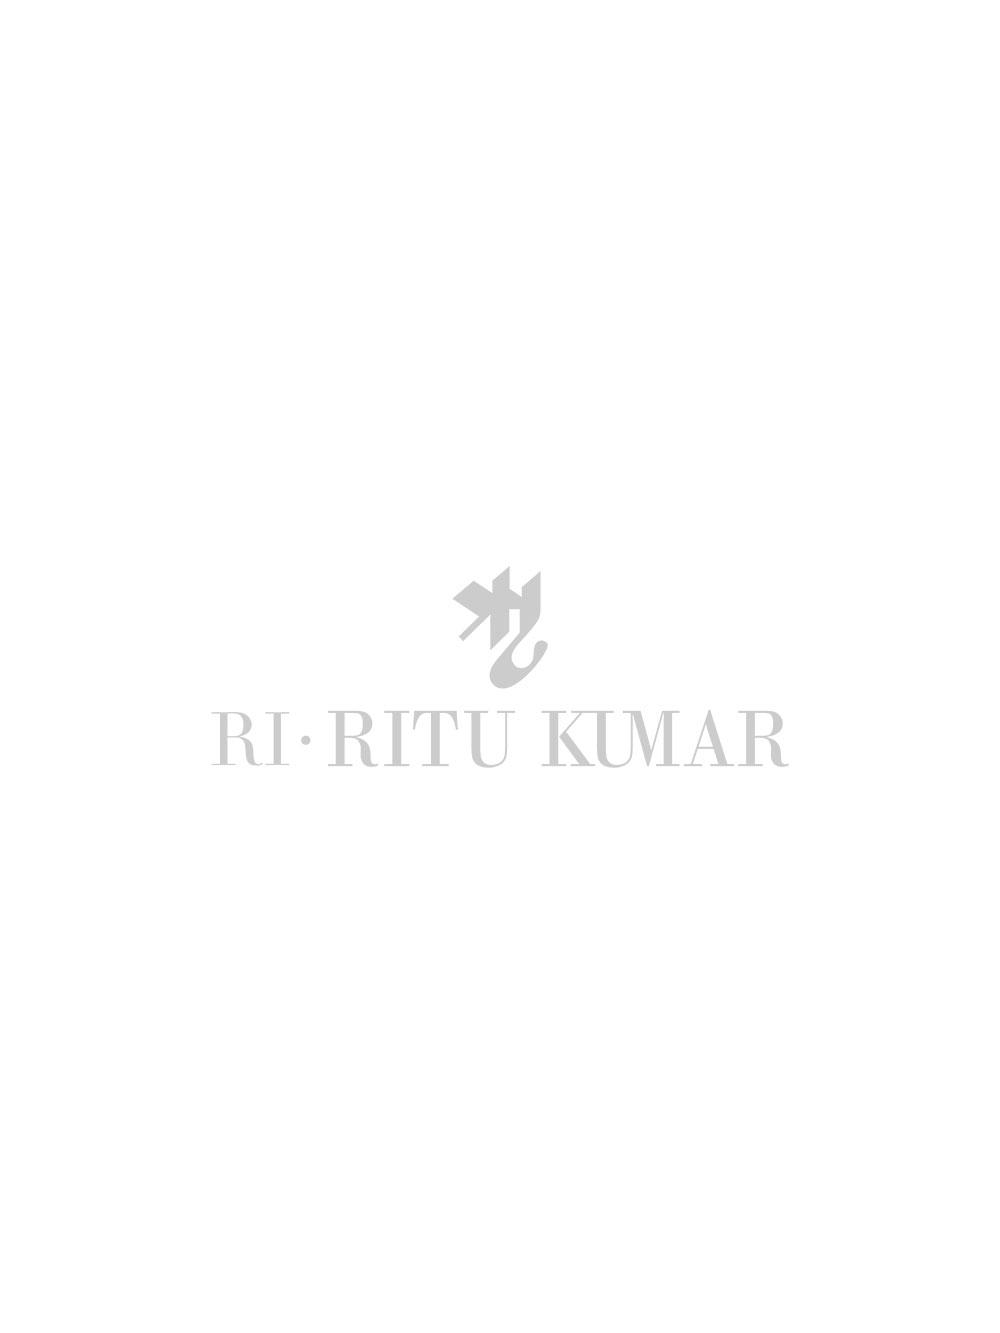 Markana Collections – Ritu Kumar